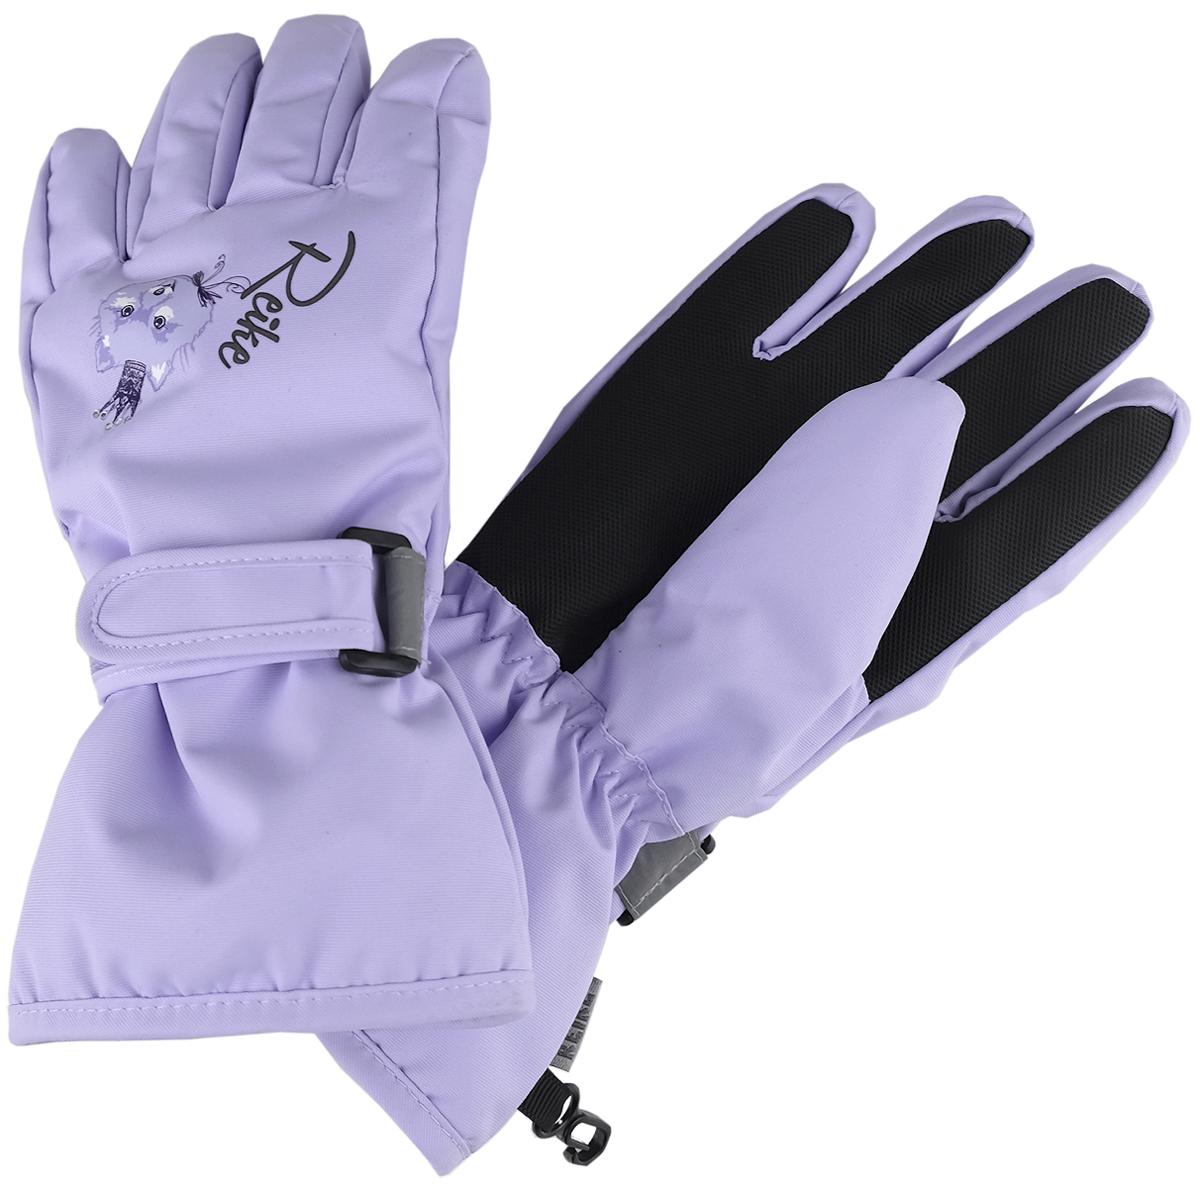 Перчатки для девочки Reike Забавный горностай, цвет: фиолетовый. RW18_FE purple. Размер 7RW18_FE purpleПерчатки для девочки Reike Забавный горностай выполнены из ветрозащитной, водонепроницаемой и дышащей мембранной ткани, декорированной принтом в стиле коллекции. Мягкая подкладка из флиса обеспечивает дополнительный комфорт и тепло. Запястья оформлены резинкой и регулируемой липучкой, ладони и пальцы дополнительно усилены.